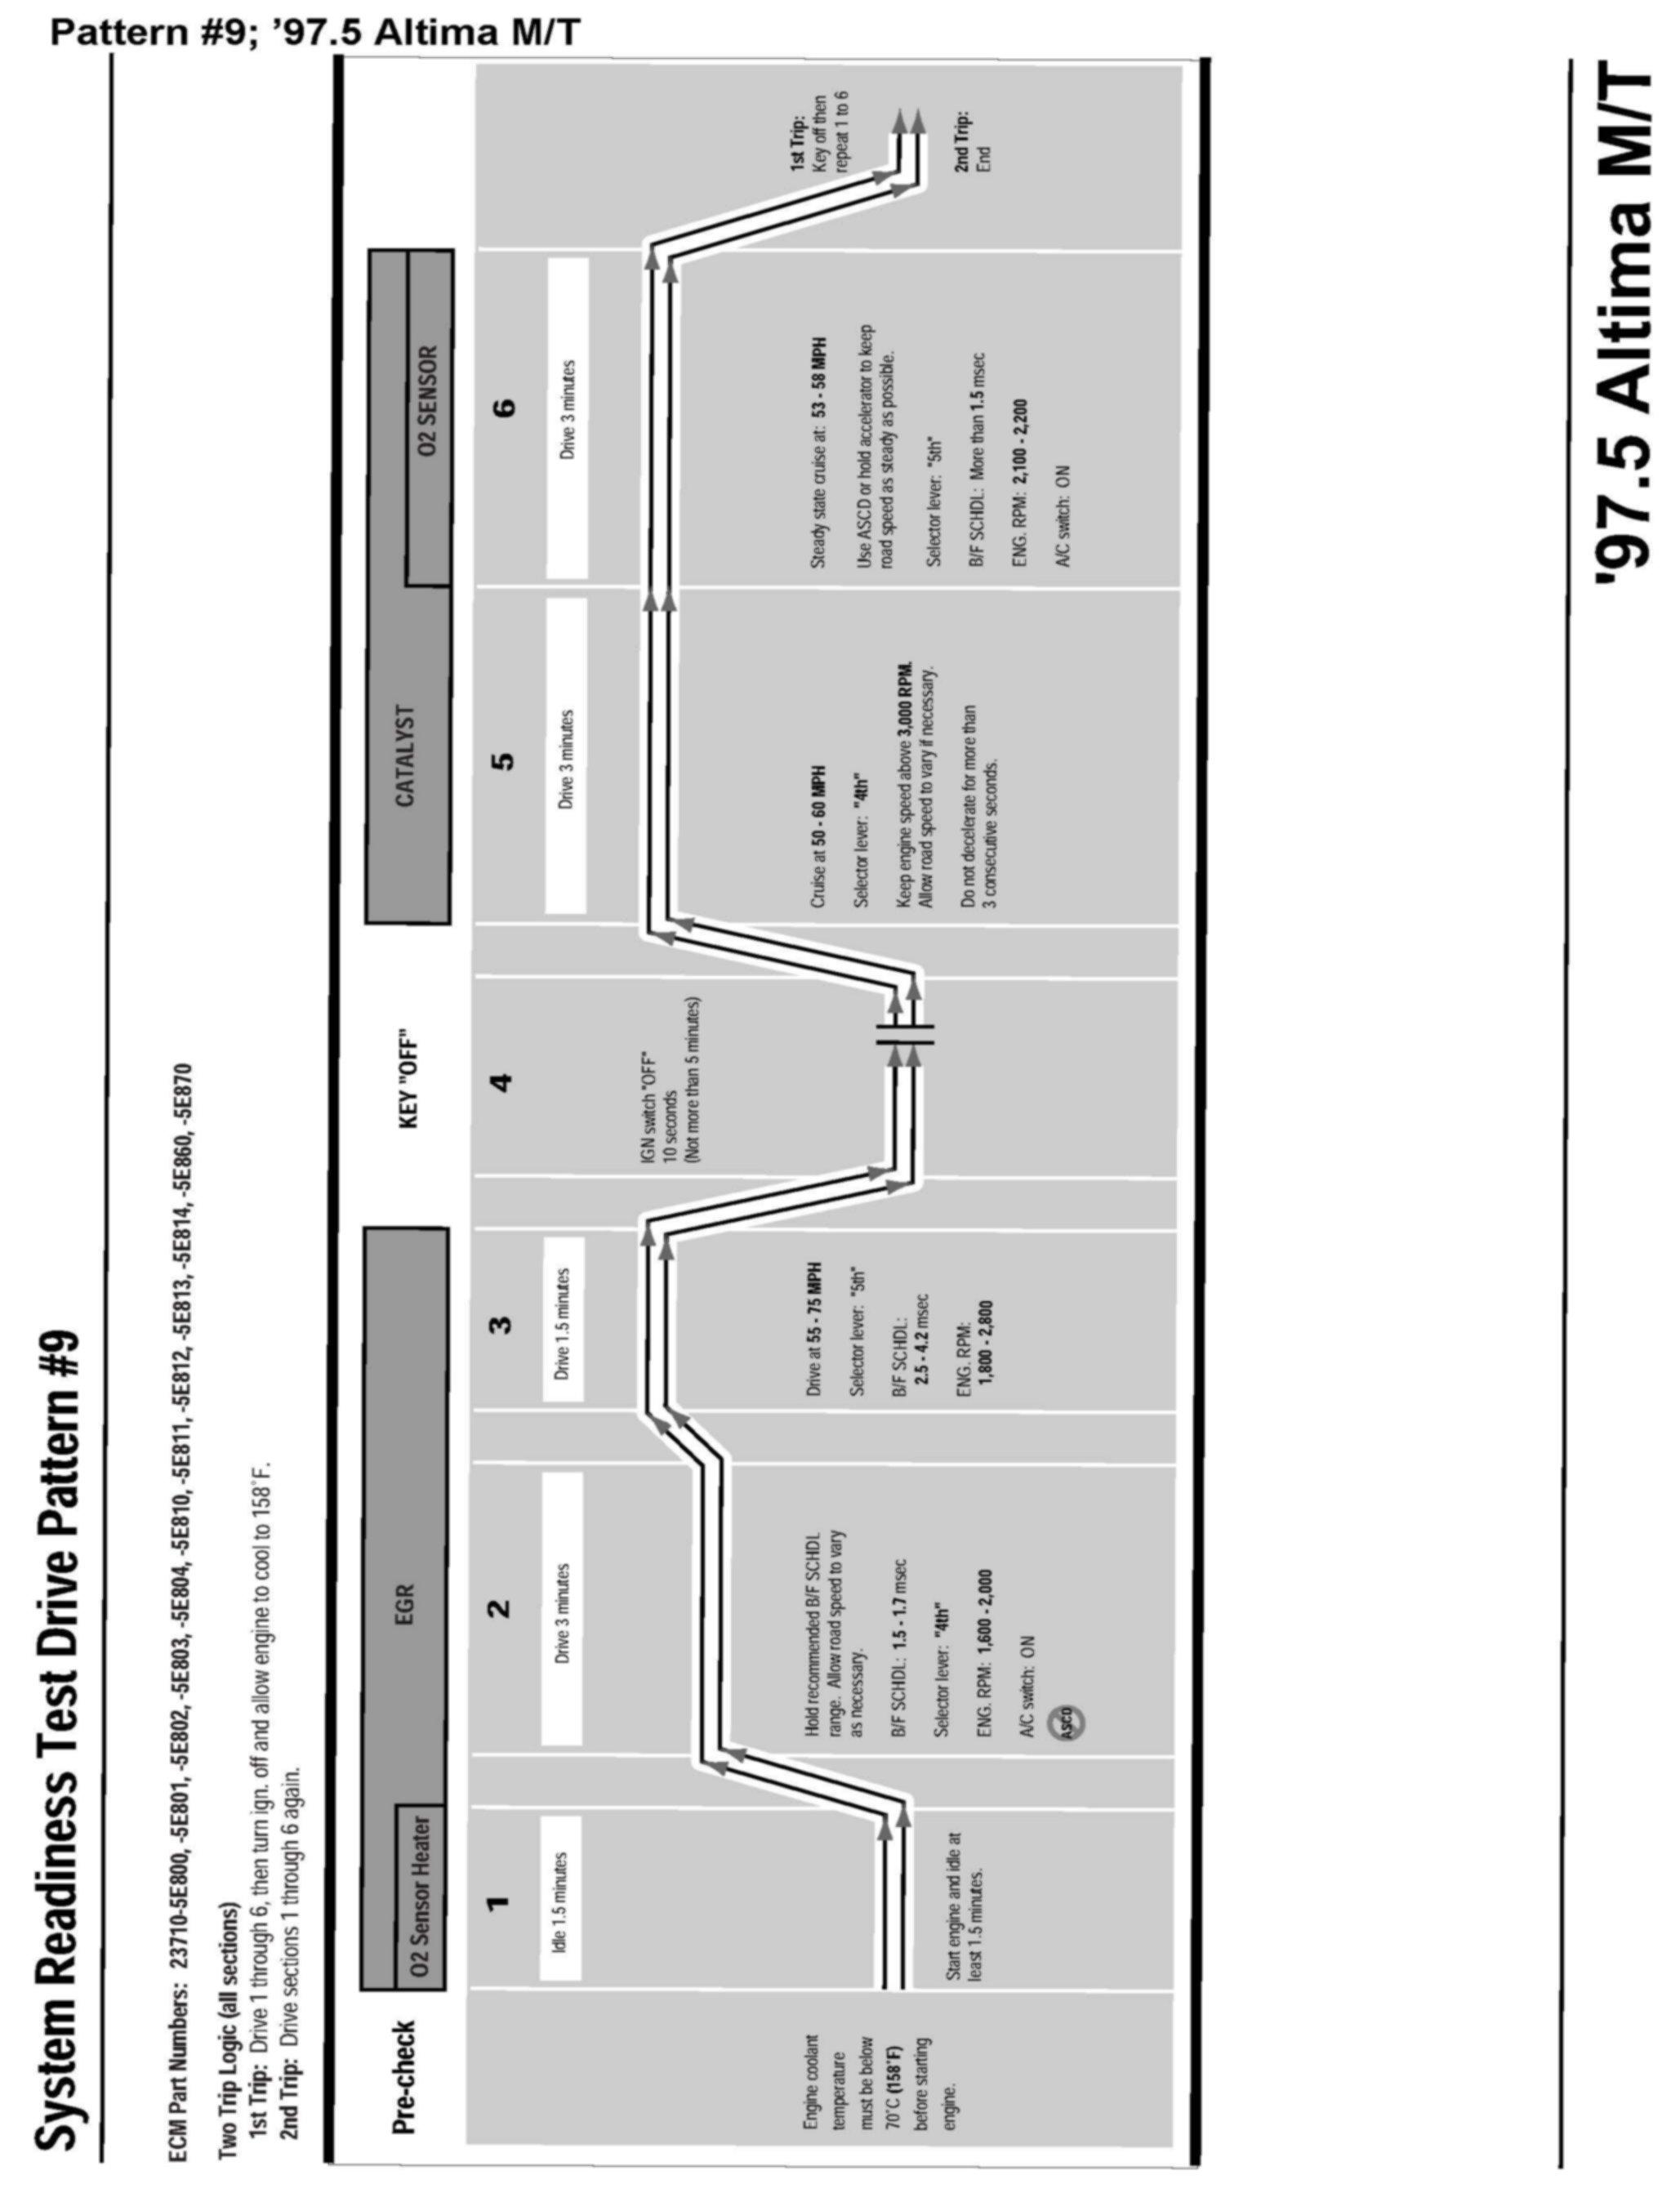 2009 Nissan Datsun Altima V6 35l Vq35de Srt 97 Engine Diagram Pattern 8 A T